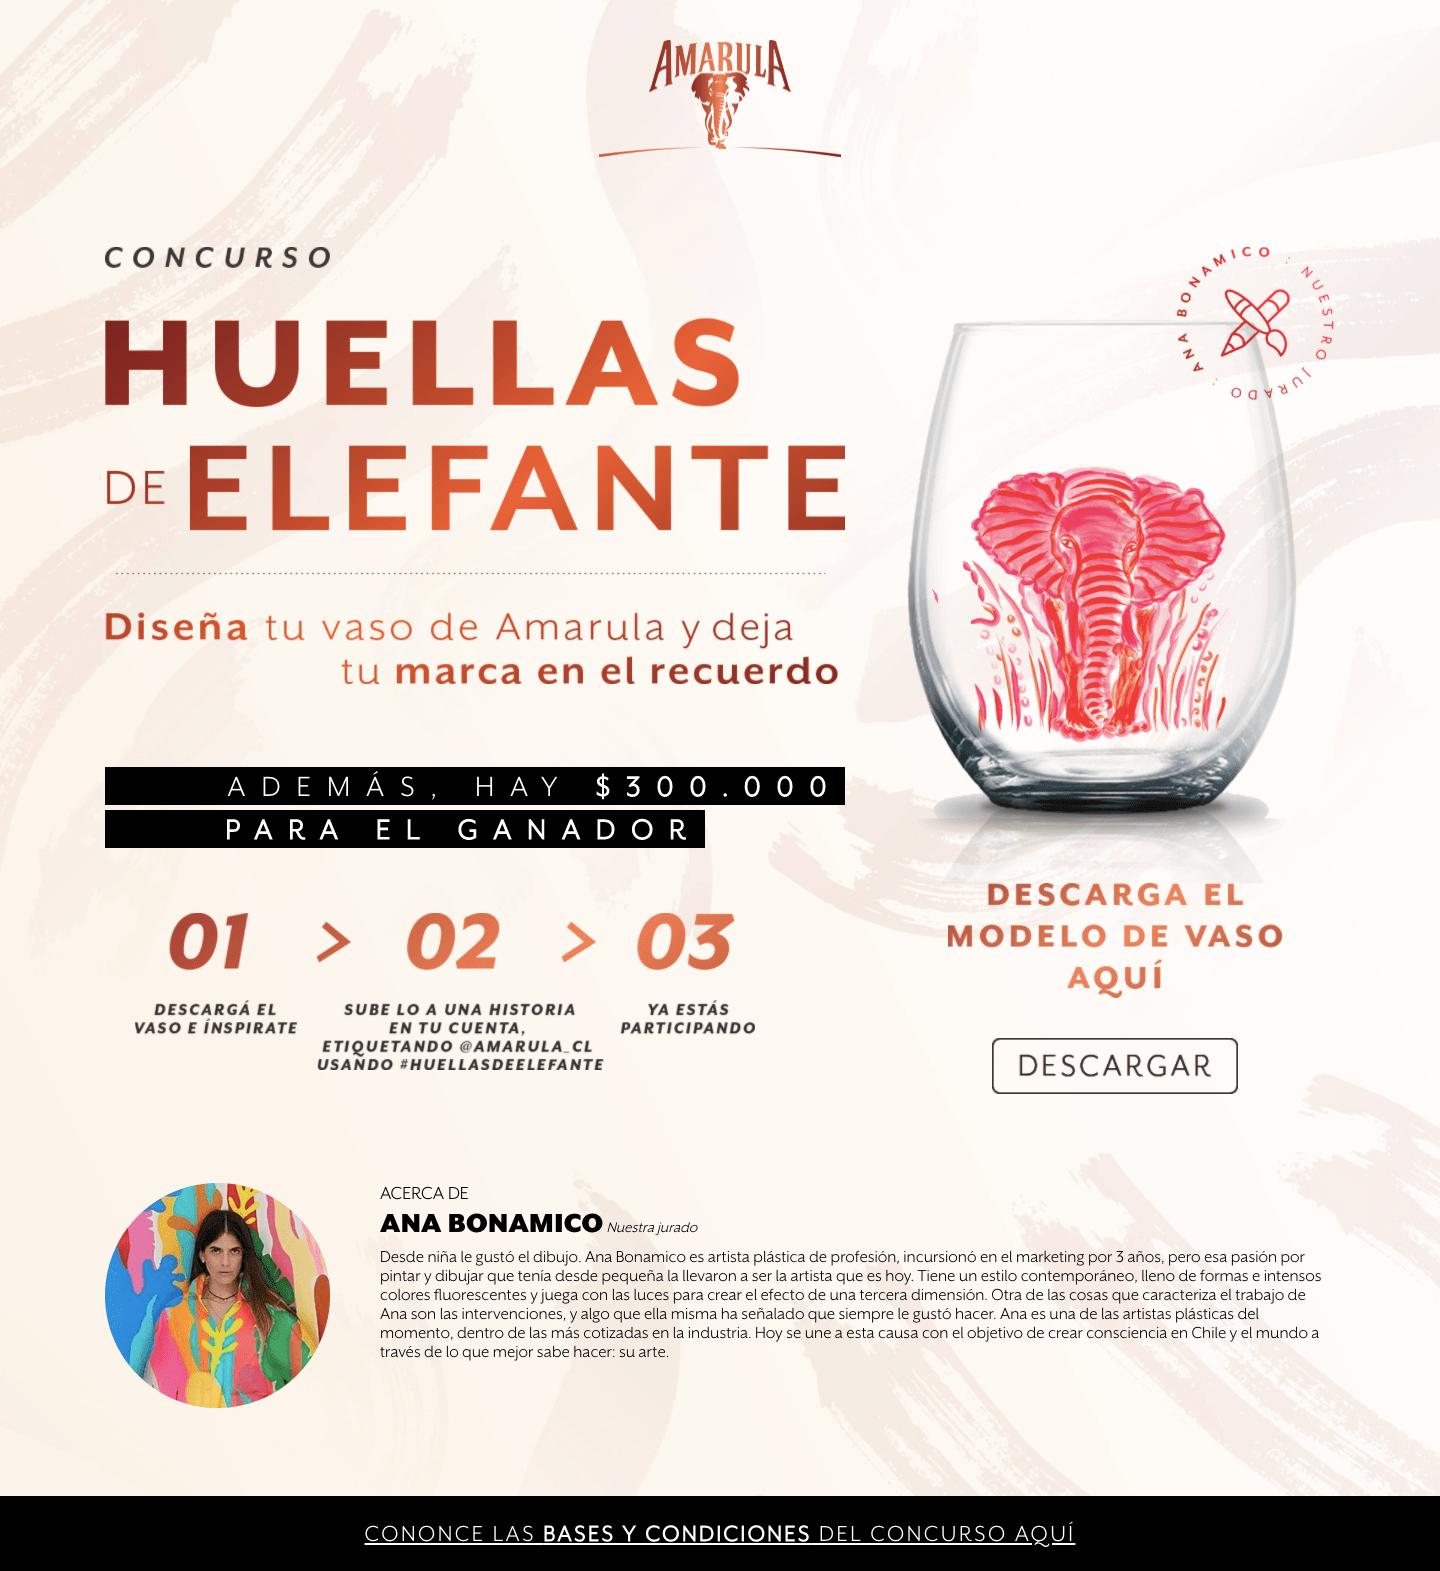 Día del Elefante: Amarula celebra lanzando concurso que busca el diseño de su kit conmemorativo